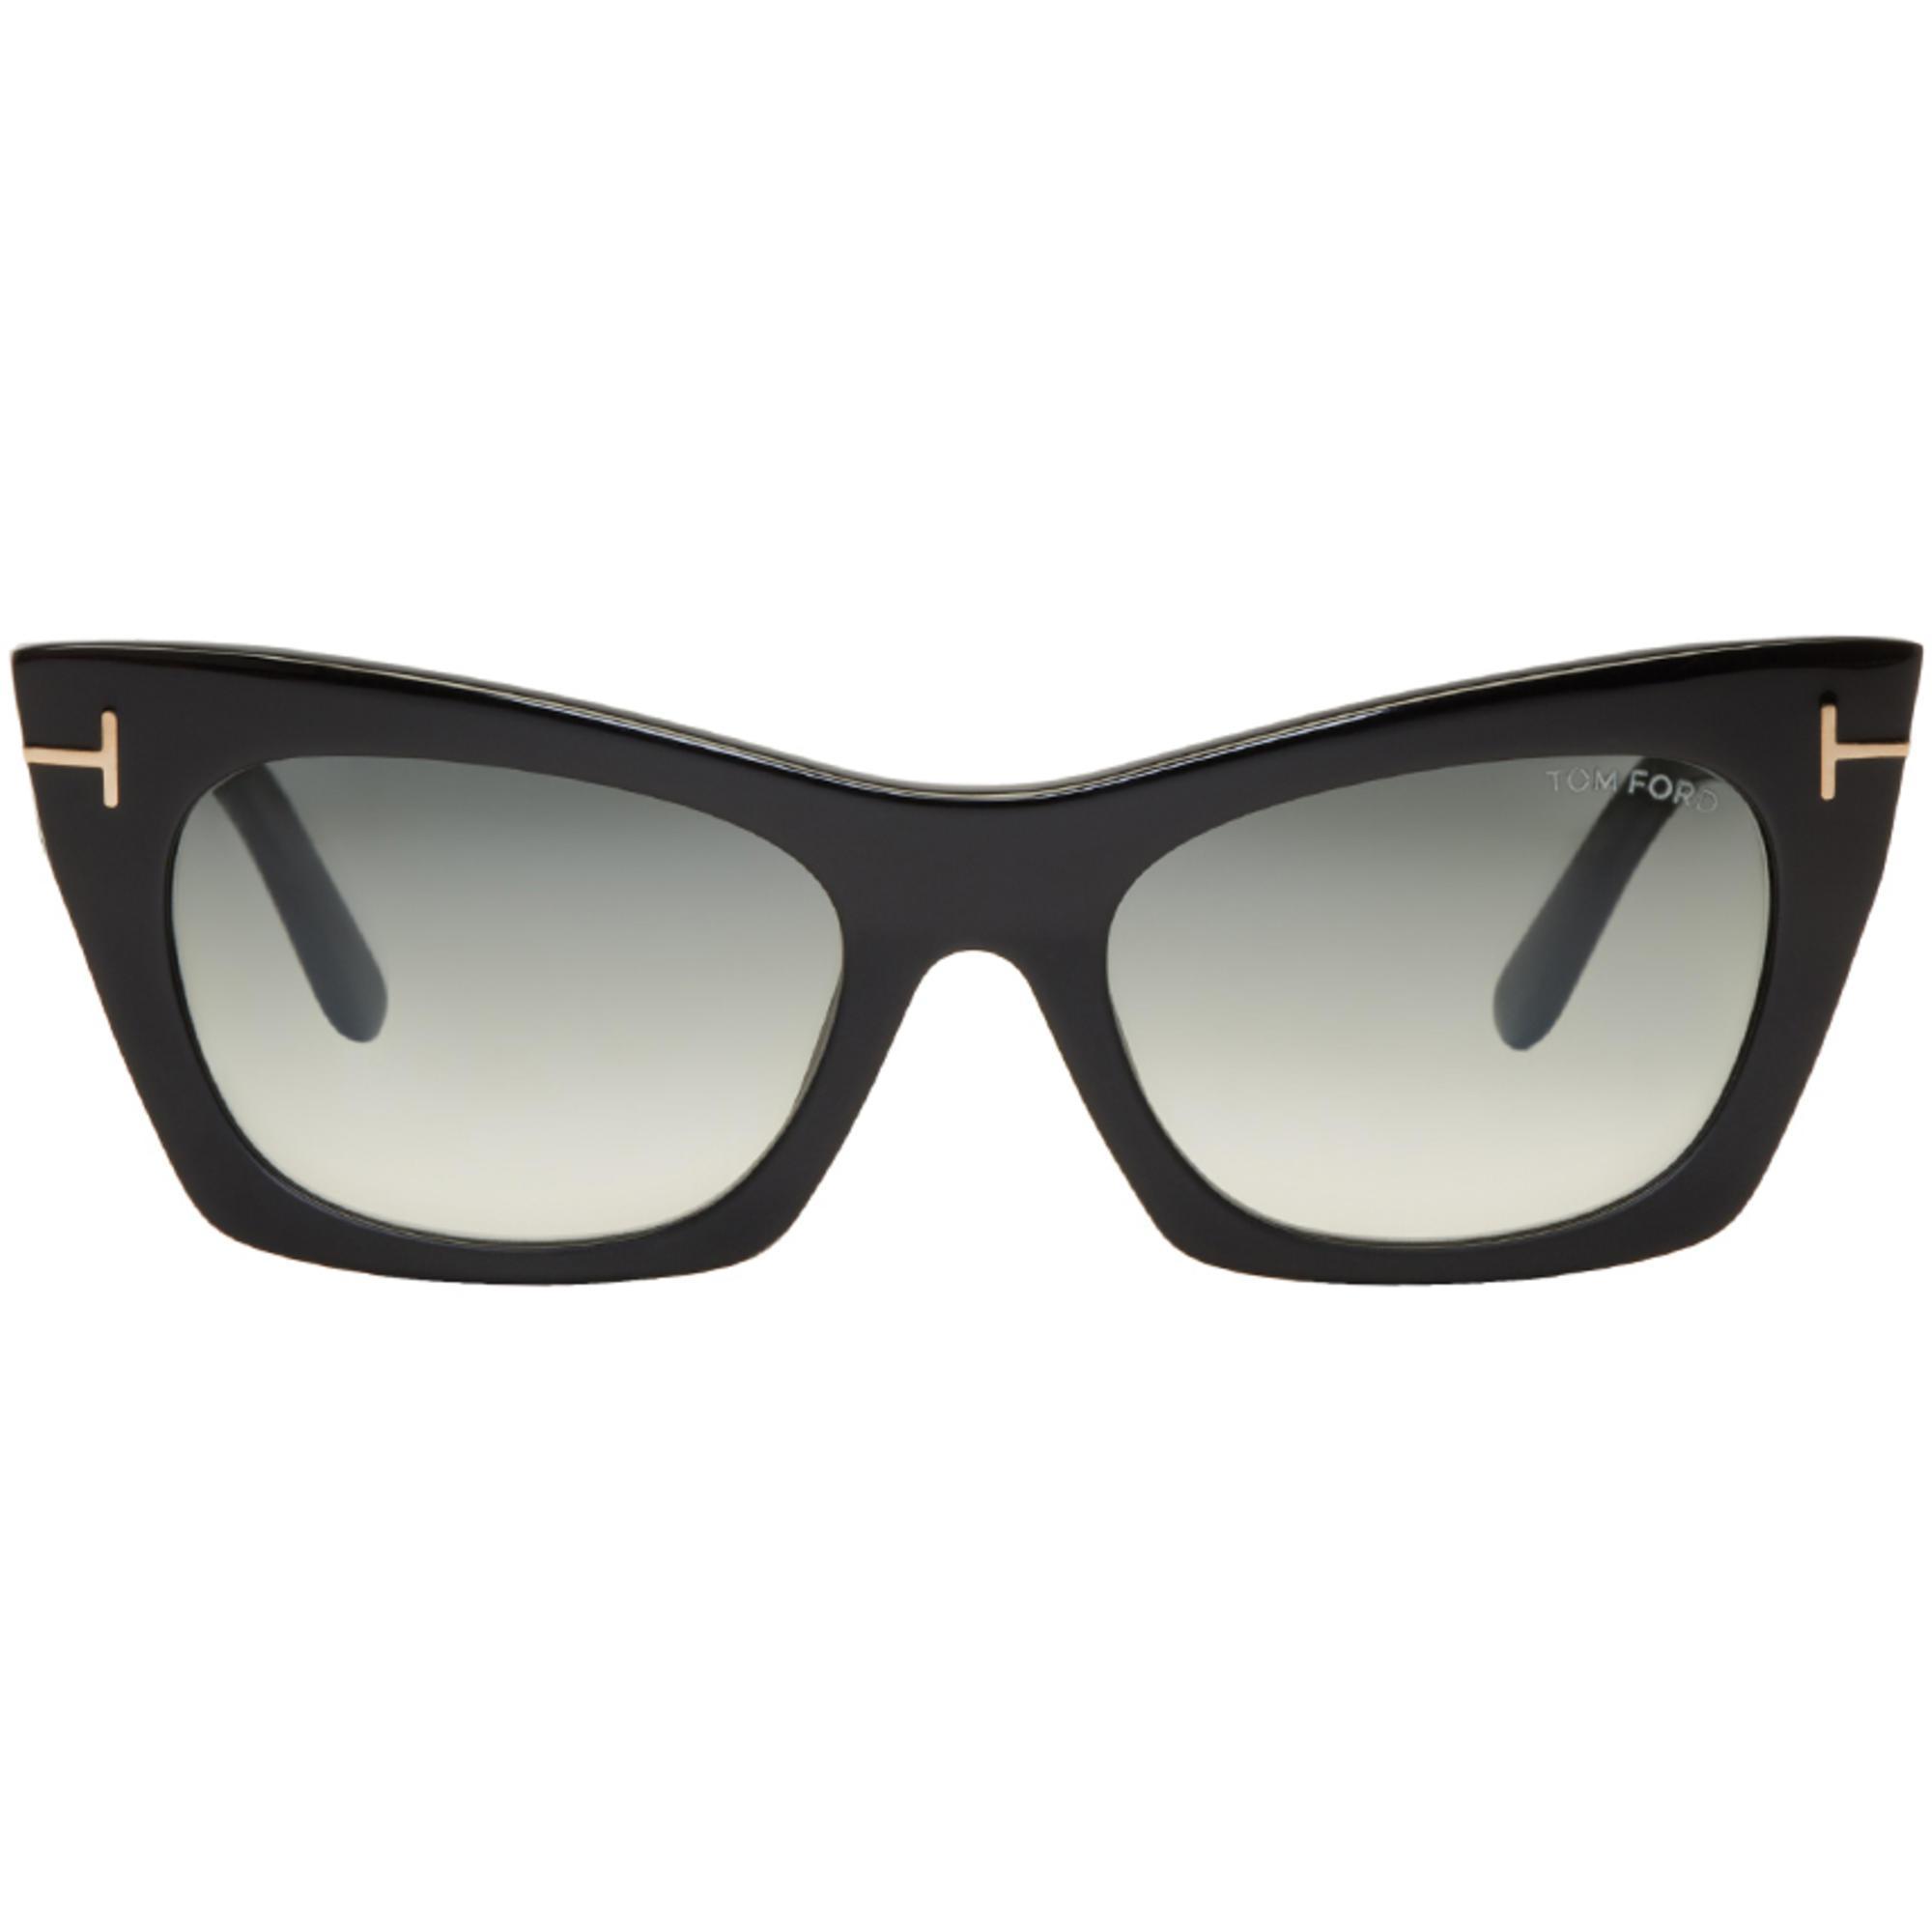 489ed720a9f2ec Lyst - Lunettes de soleil oeil-de-chat noires Kasia Tom Ford en ...